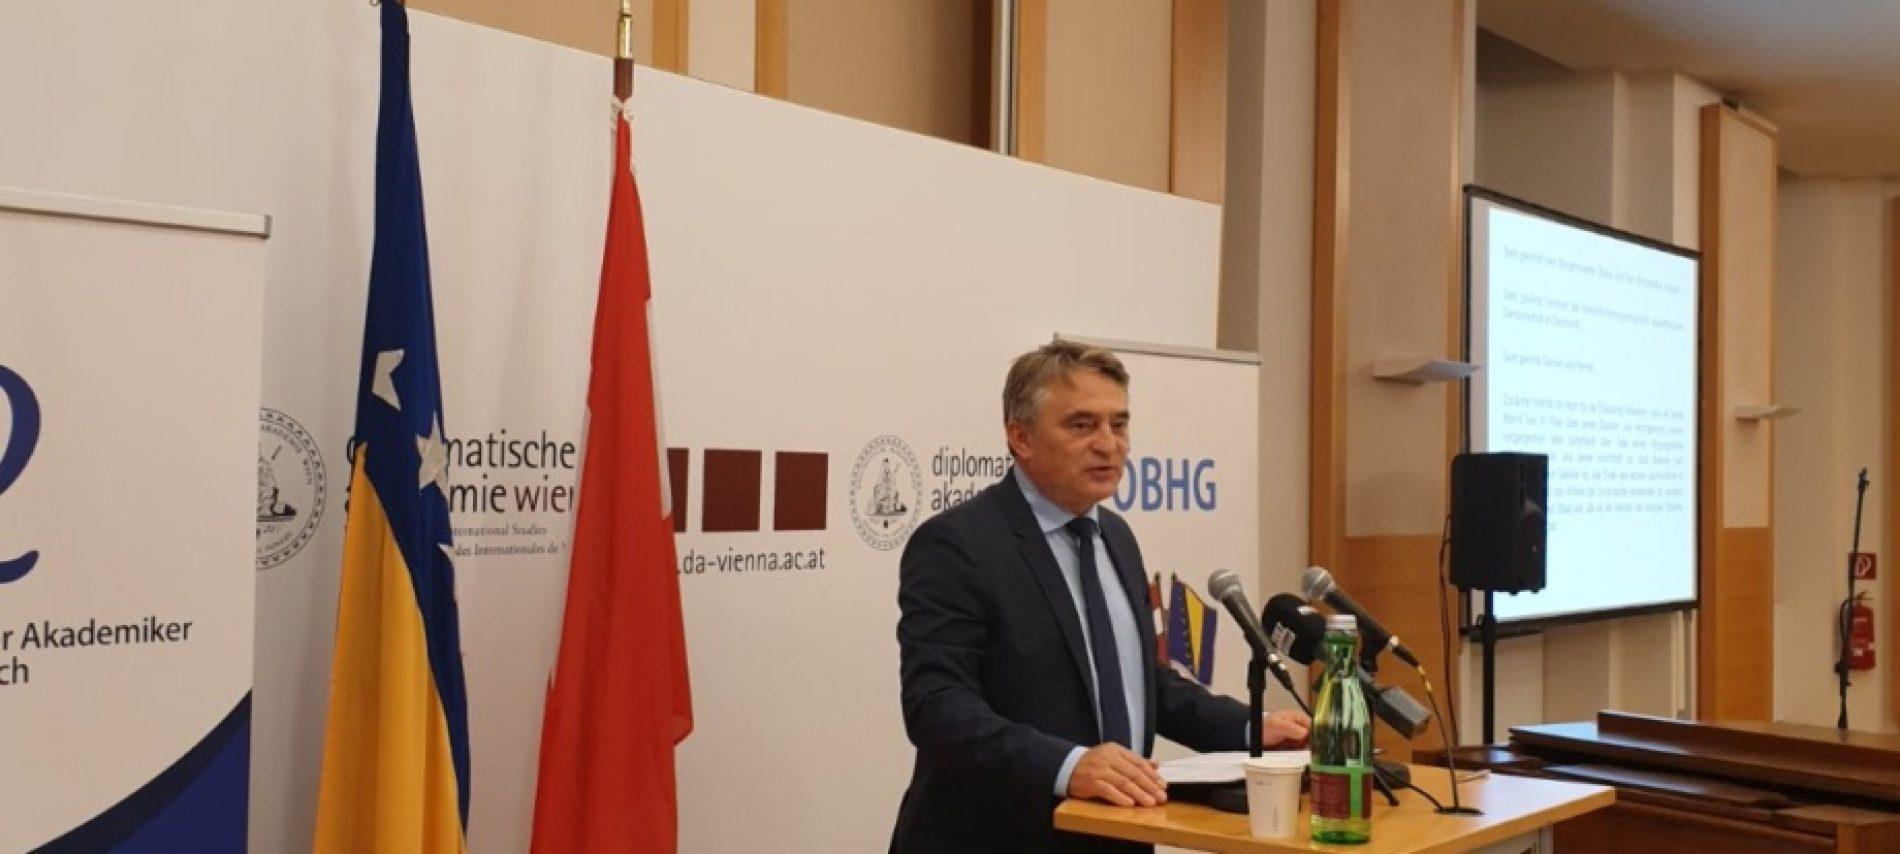 Komšić u Beču na manifestaciji povodom obilježavanja 830. godišnjice Povelje Kulina bana